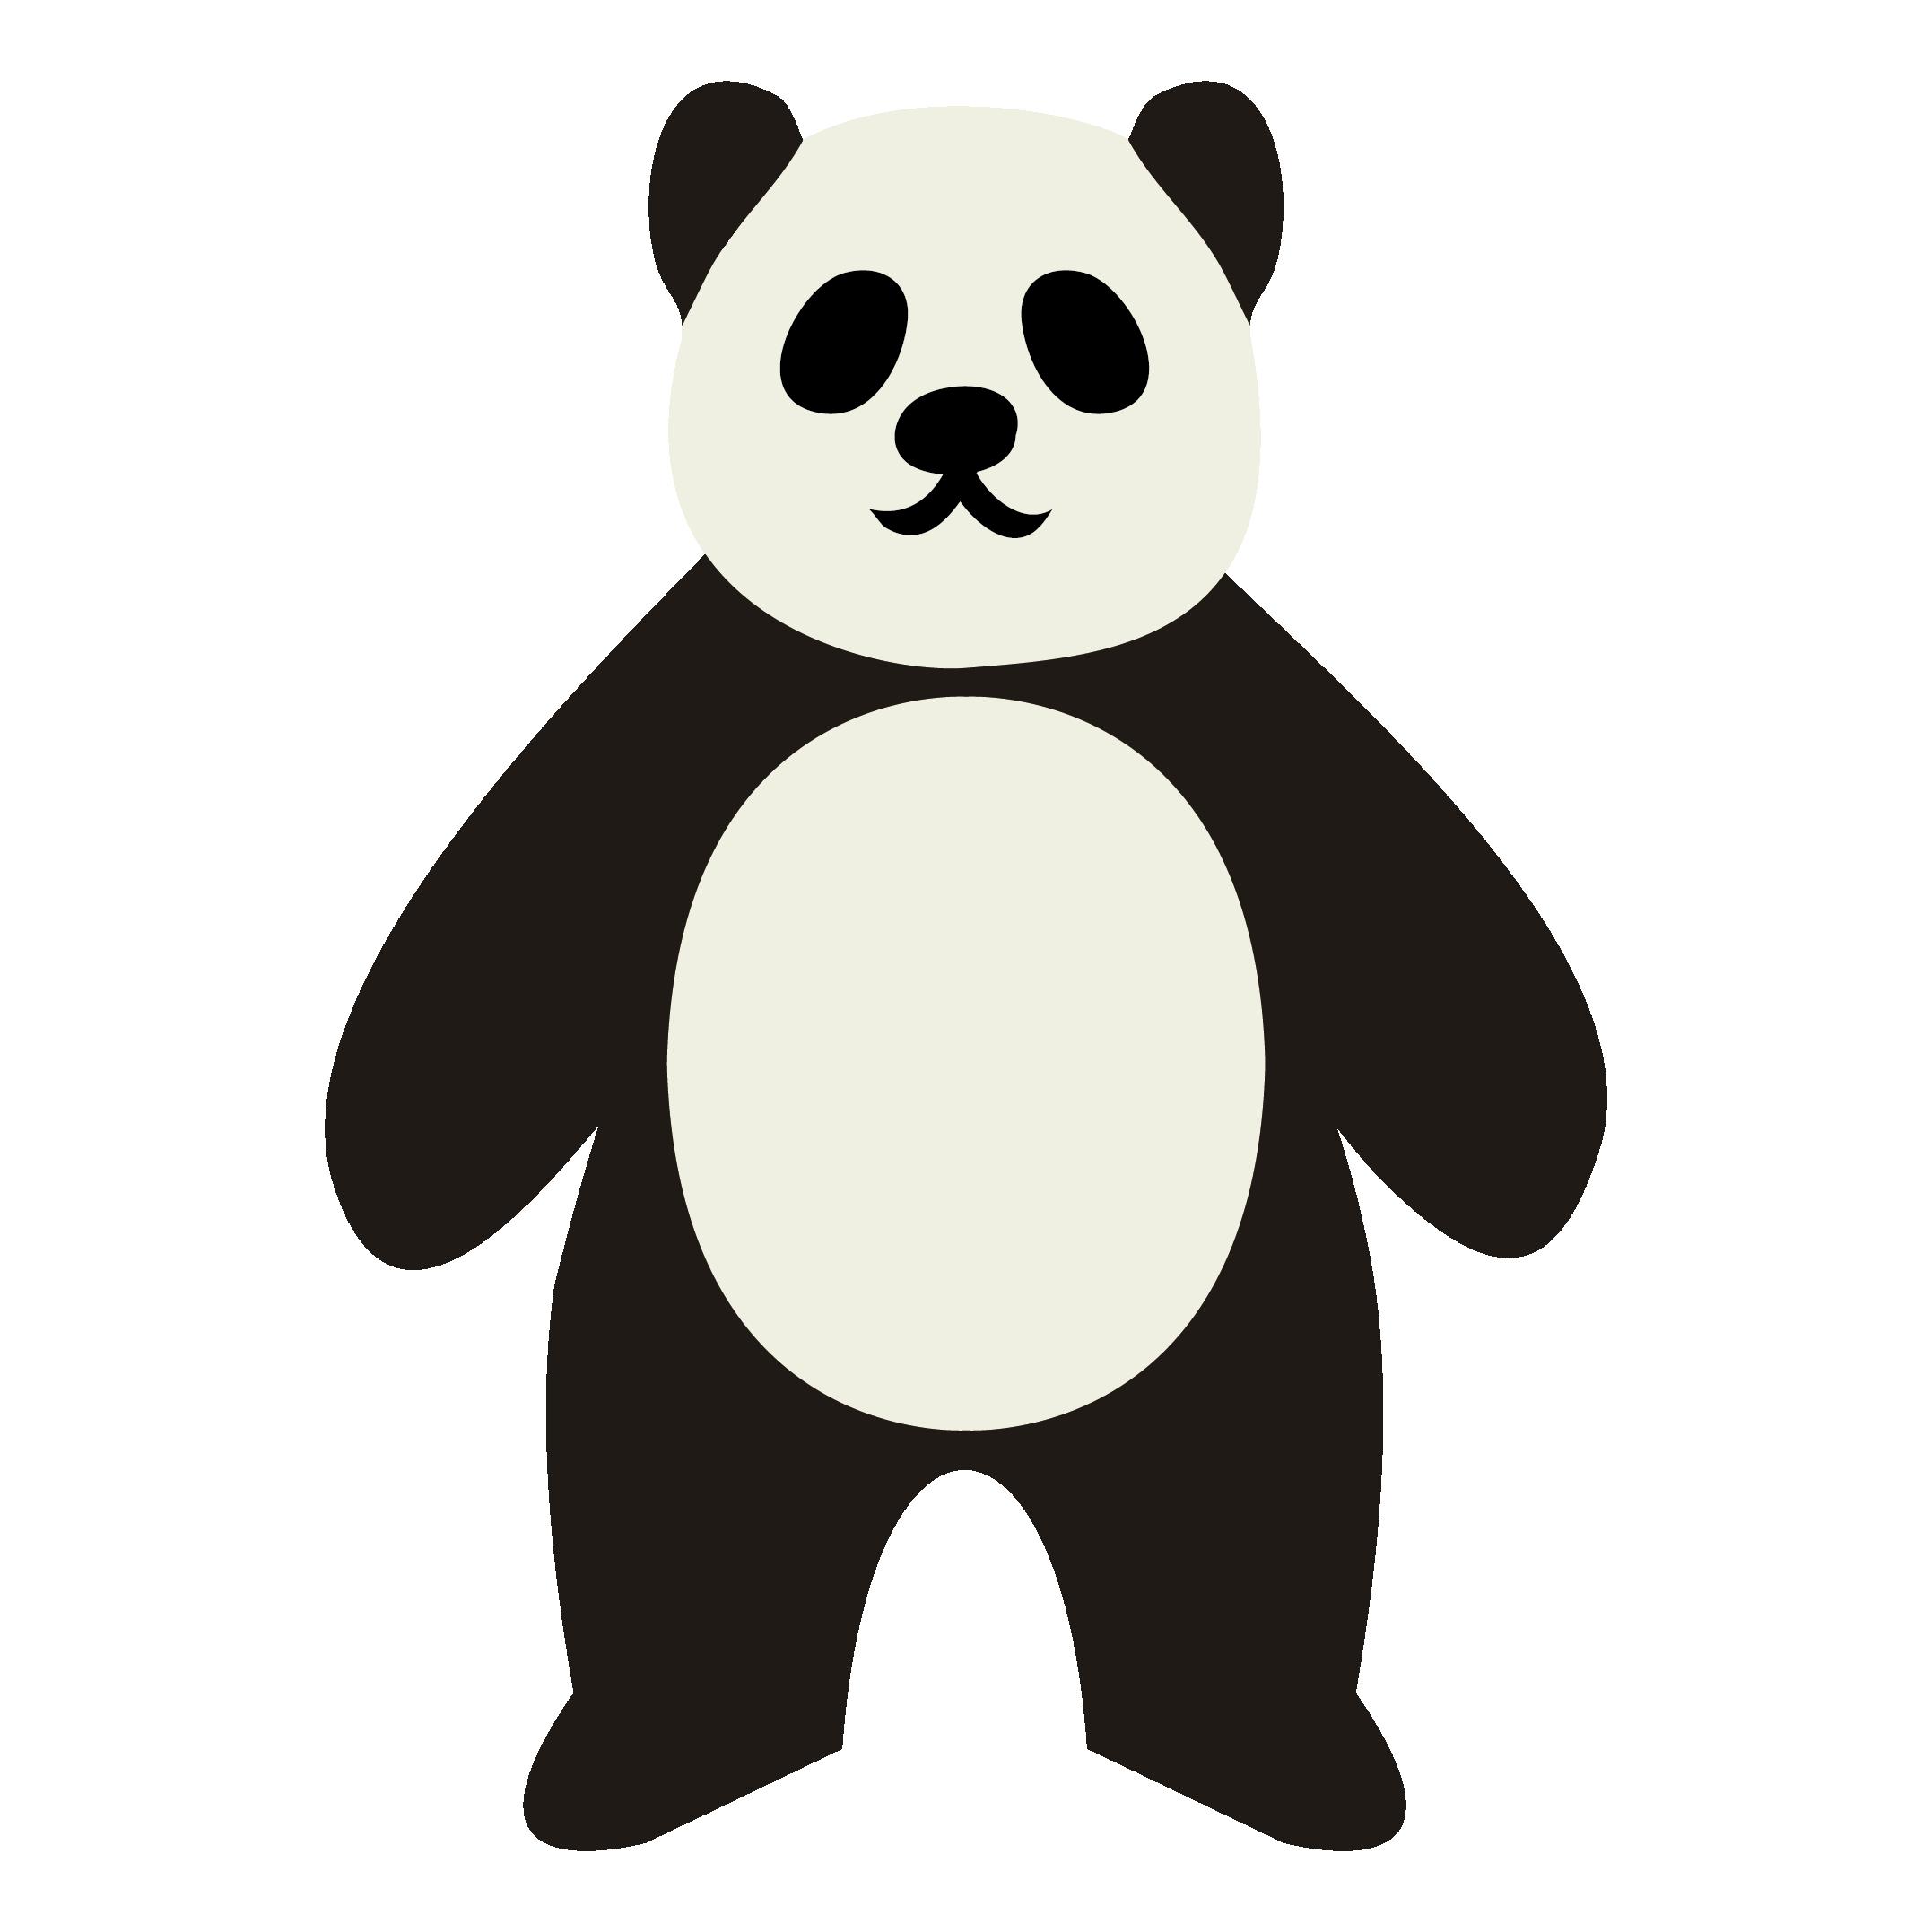 かわいい!パンダ かっこいい!? 無料 イラスト 全身ポーズ♪